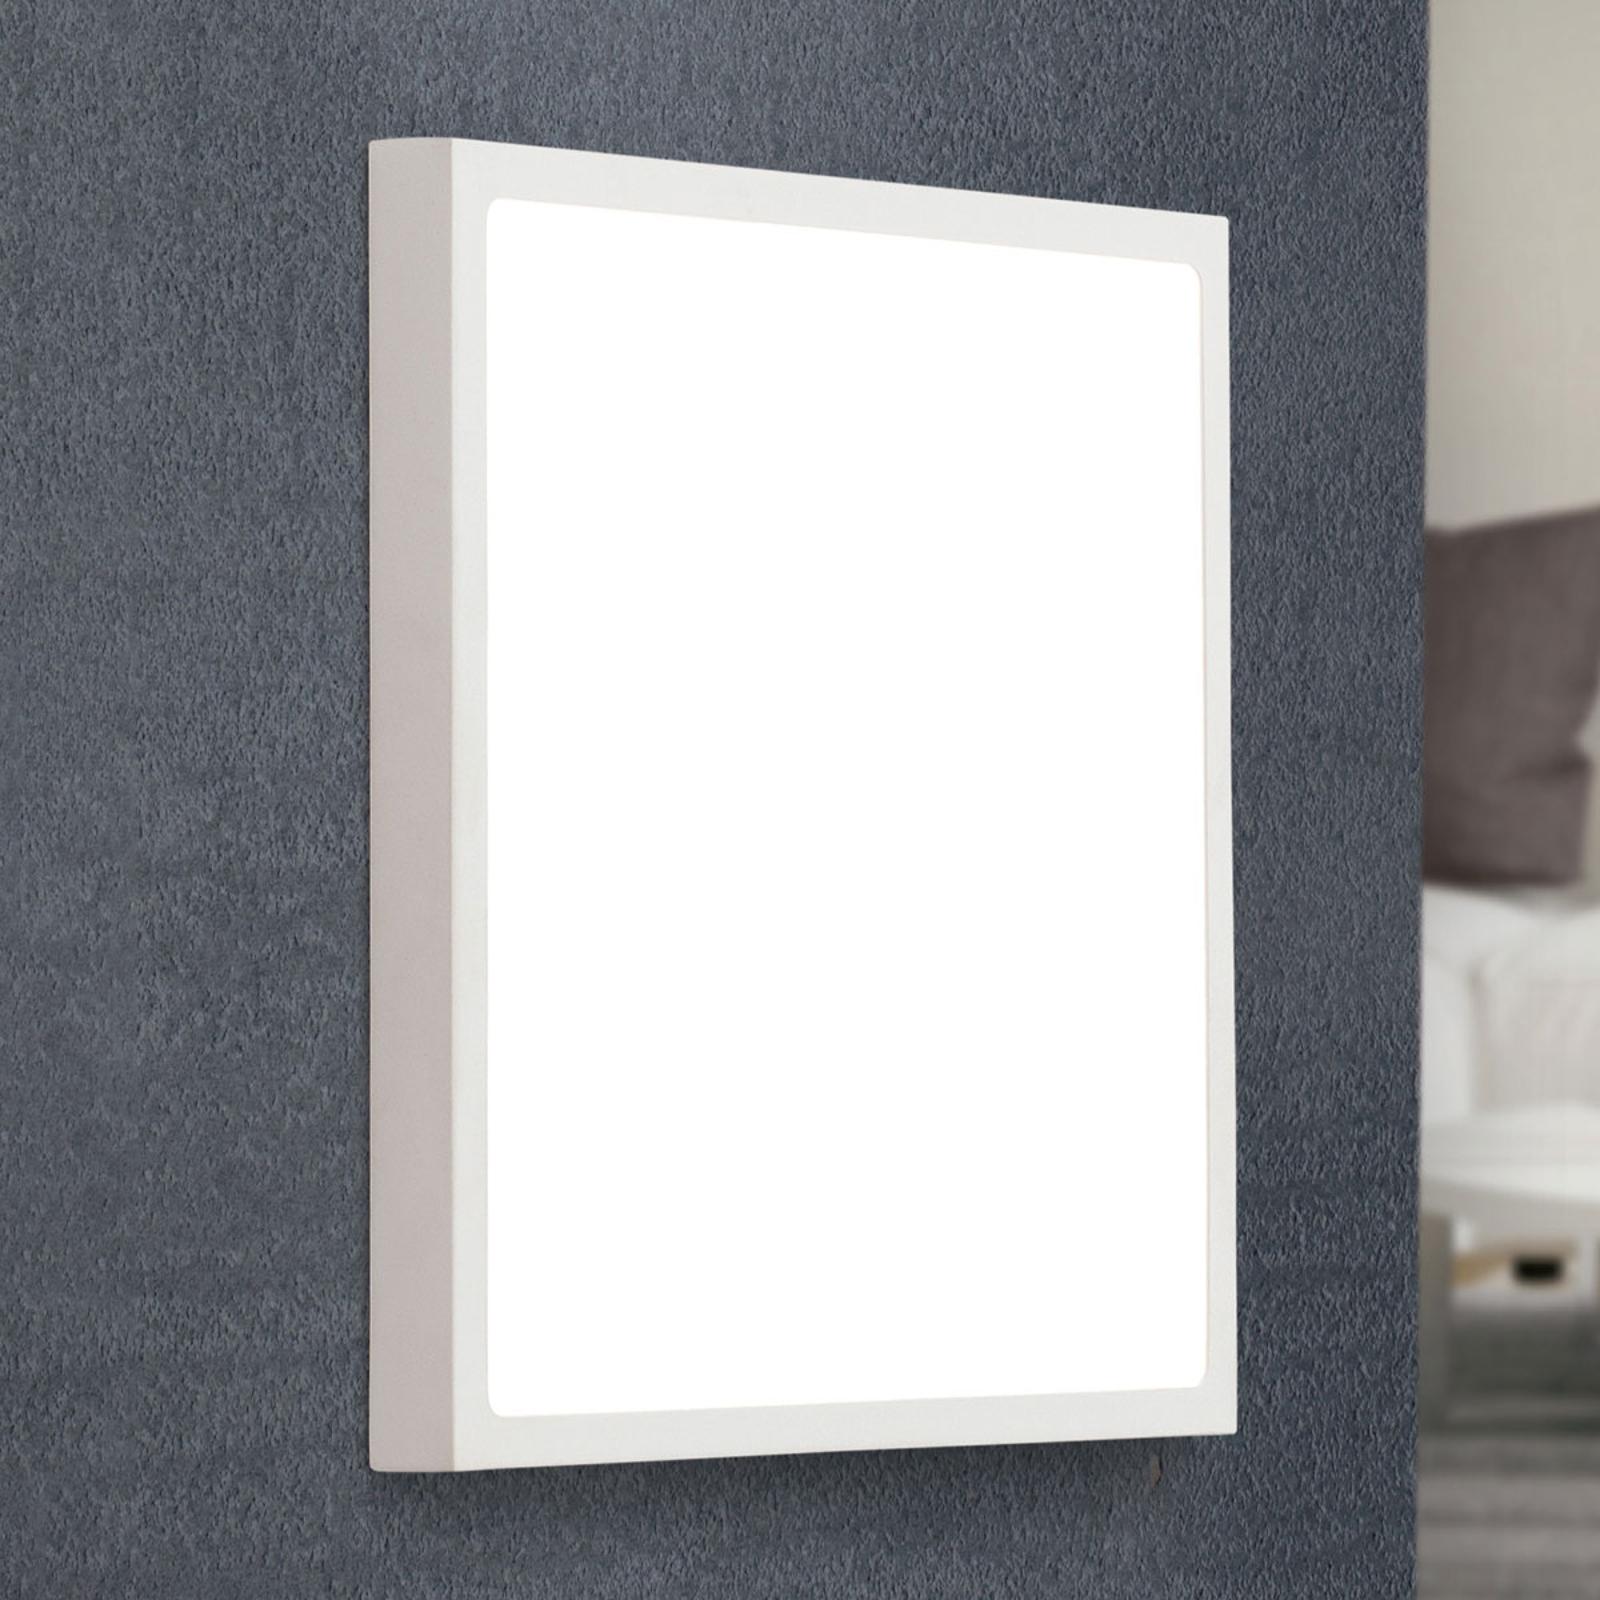 LED-seinävalaisin Vika, valkoinen, 30 x 30 cm